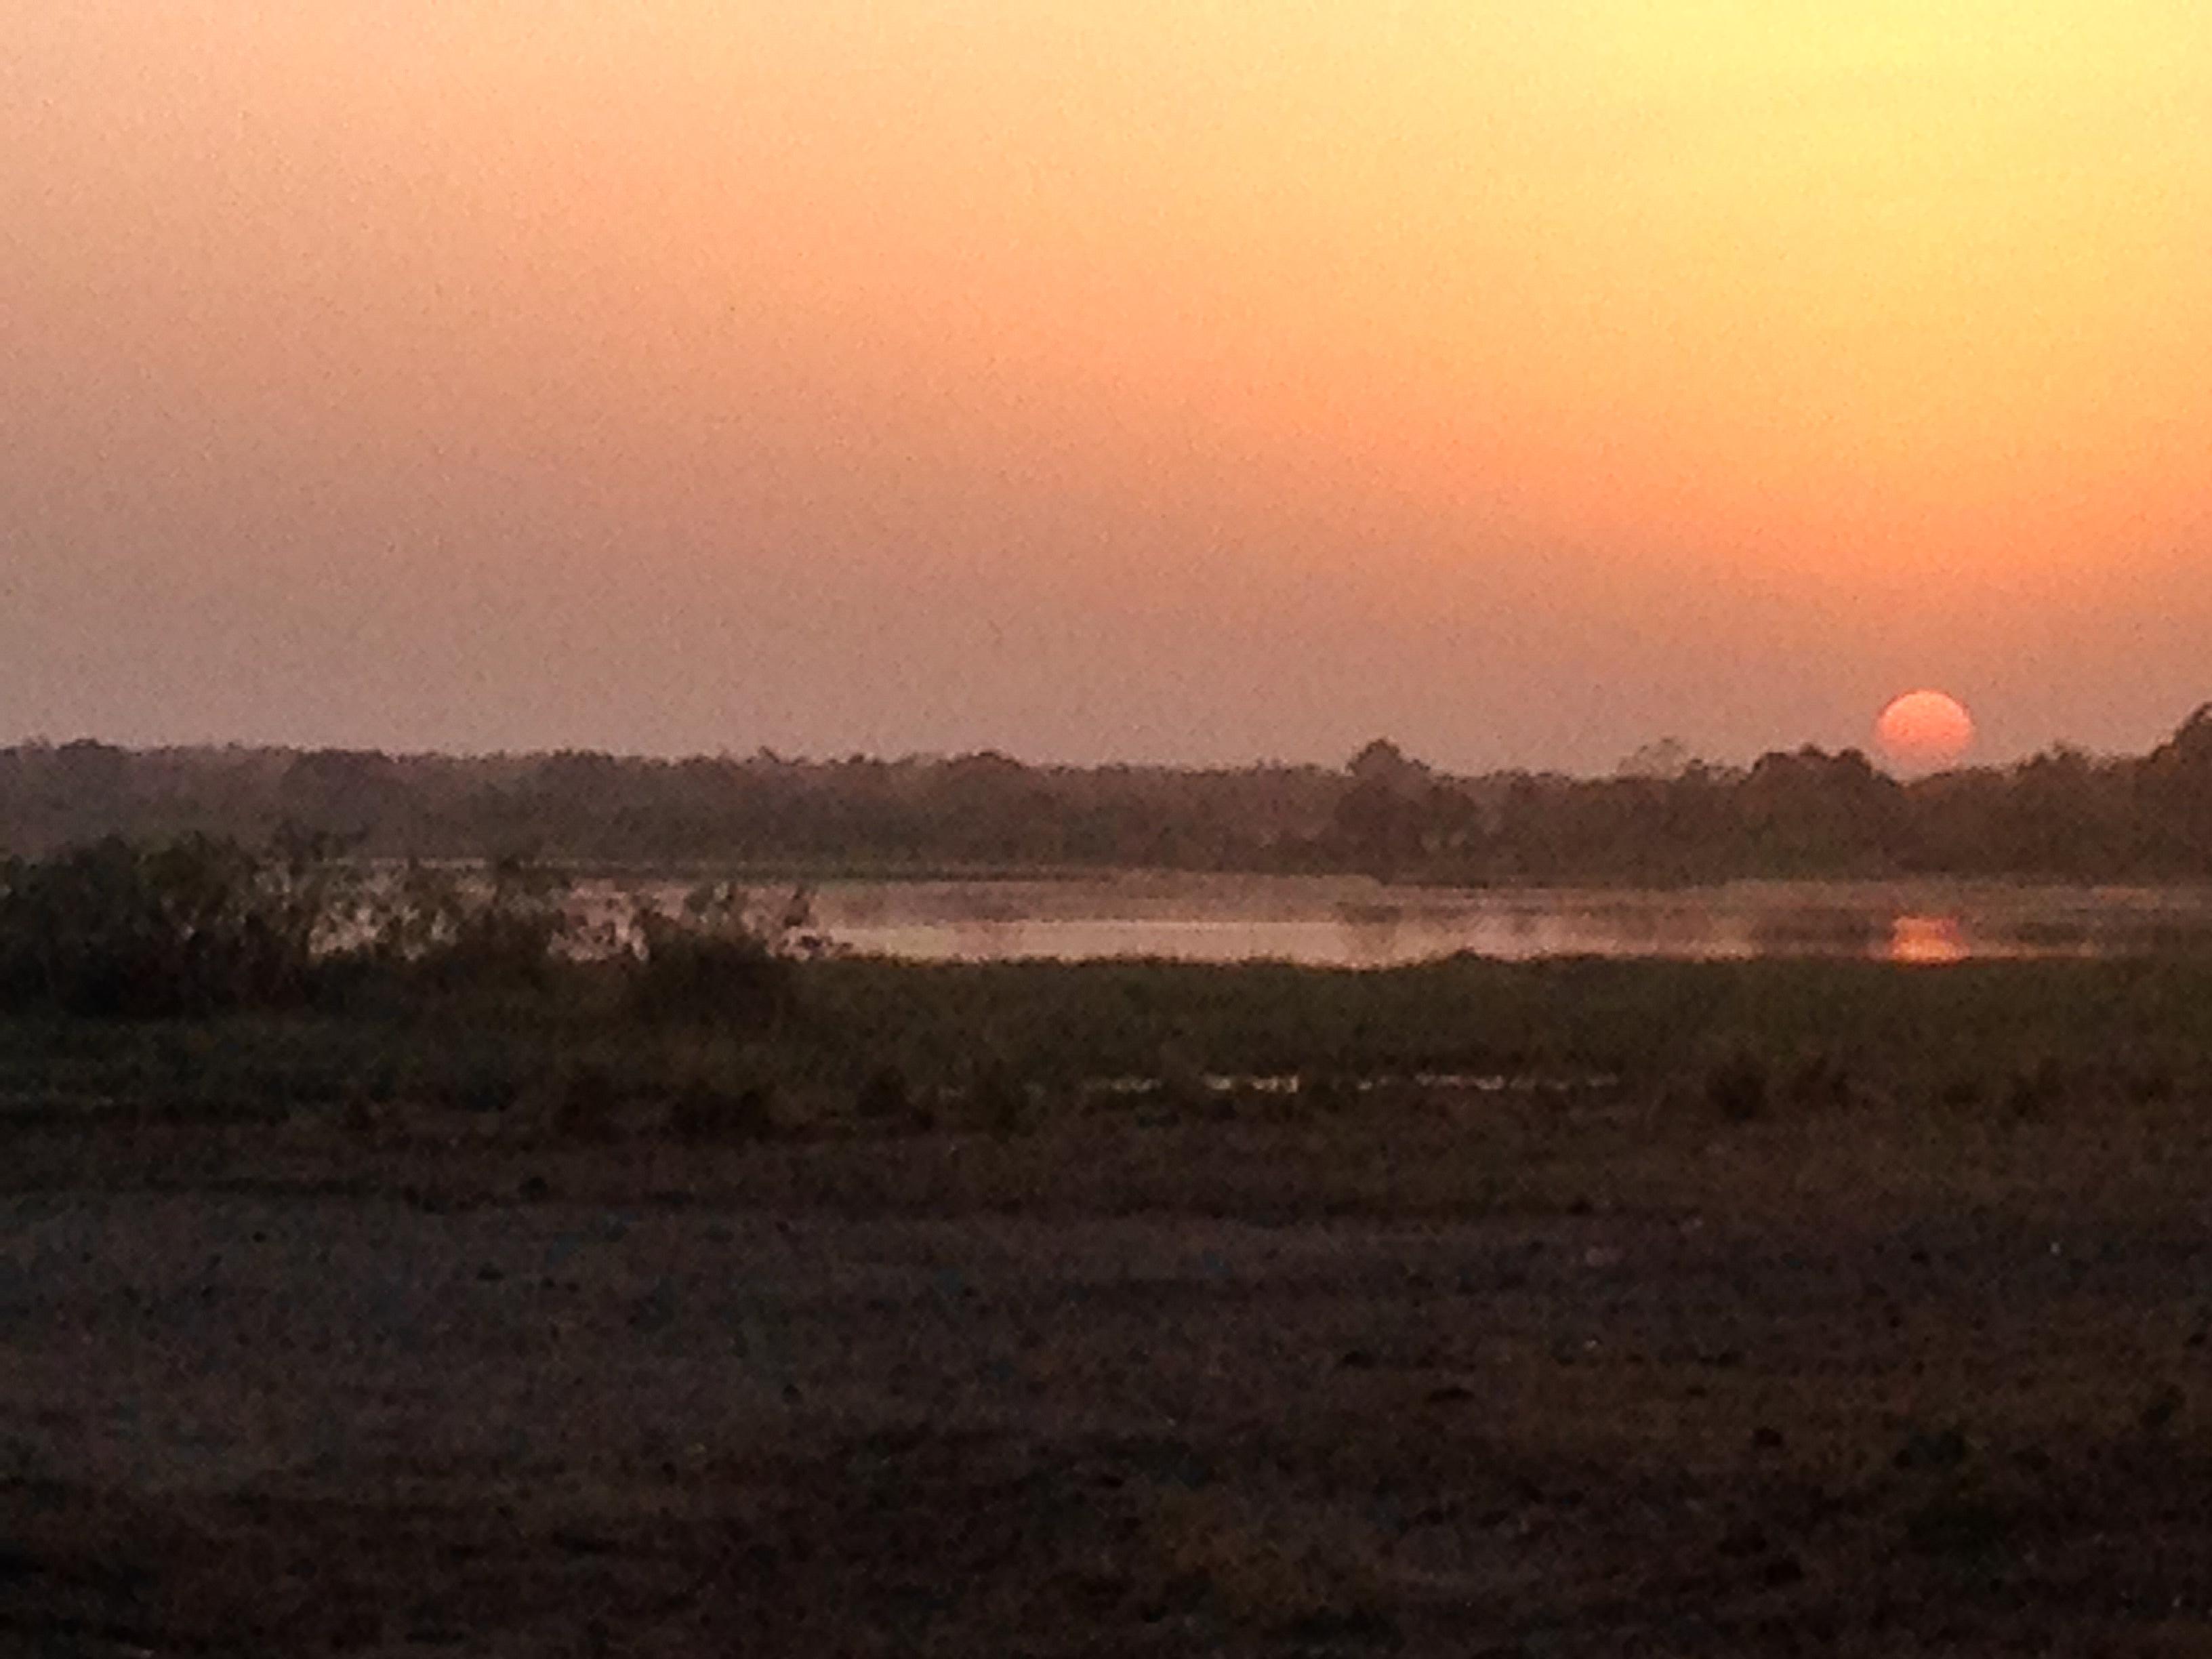 Soleil couchant à Tengrela, Burkina Faso.